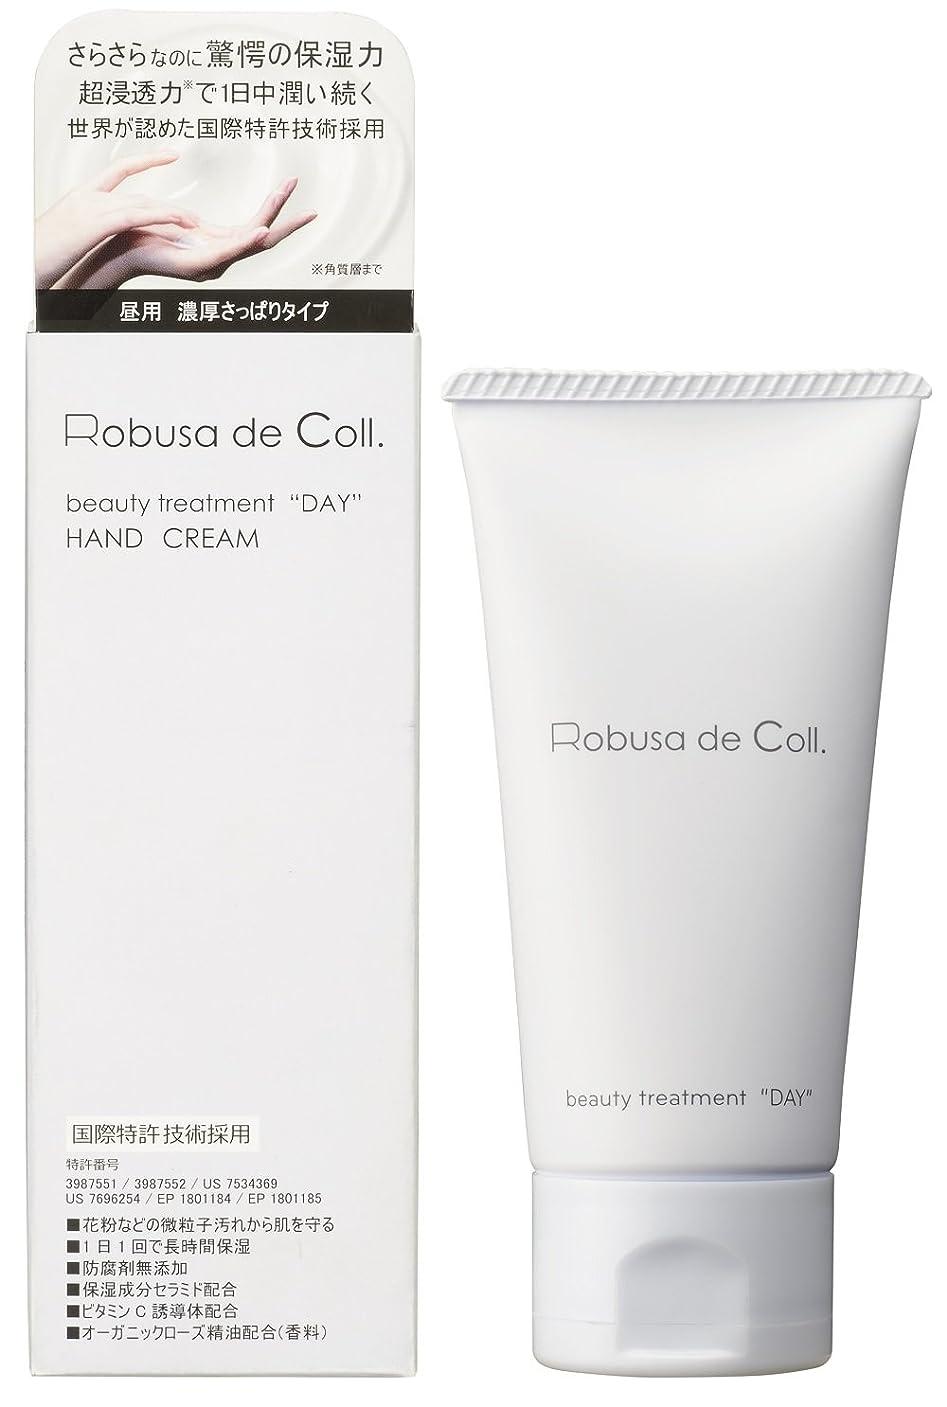 ブル確率可動式Robusa de Coll. (ロブサデコル) デイケアクリーム (ハンドクリーム) 60g (皮膚保護クリーム 乾燥 敏感肌用)